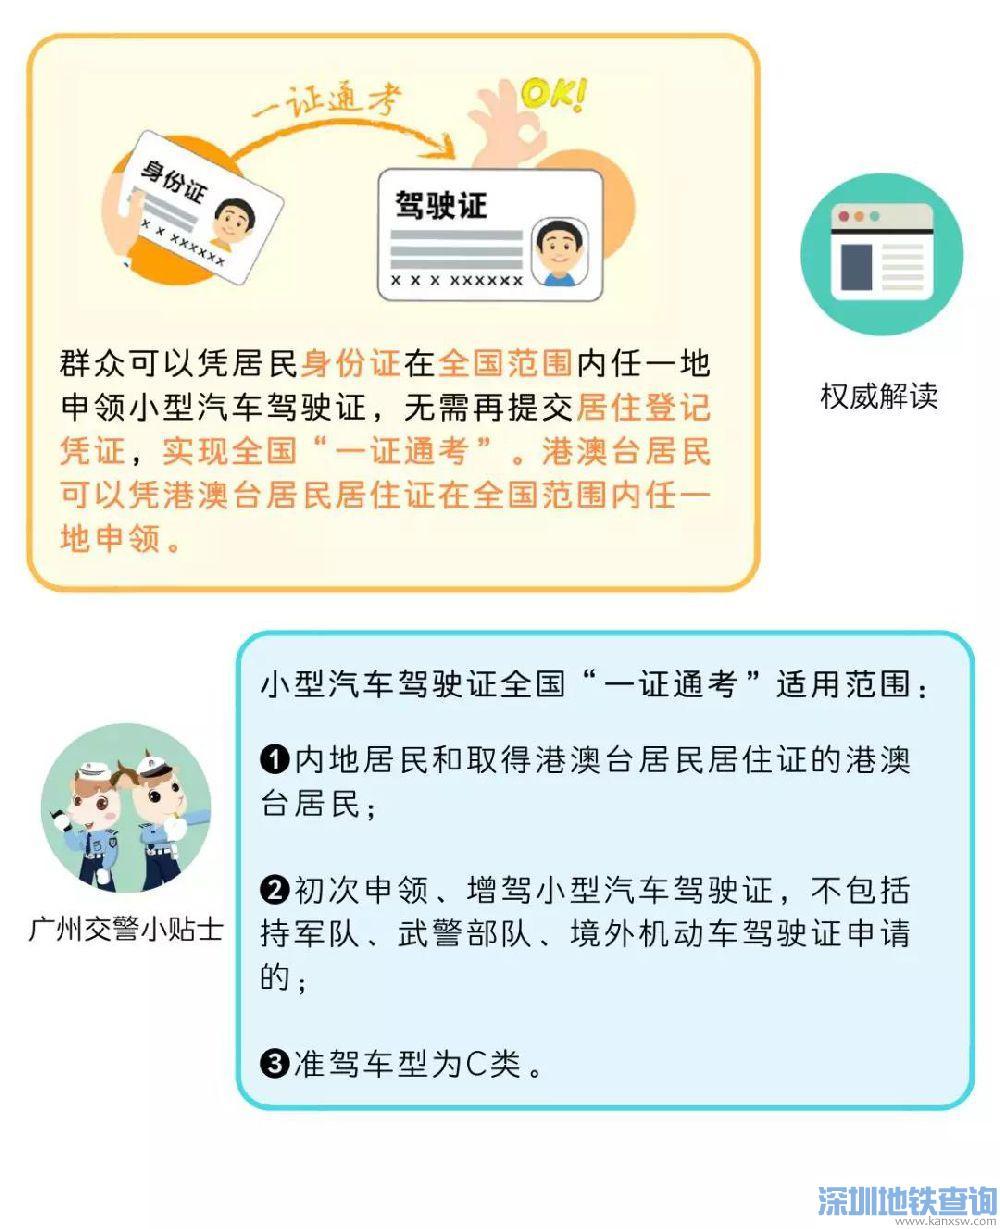 2019驾考新规广州交警权威解读 广州将兑现全部改革新措施